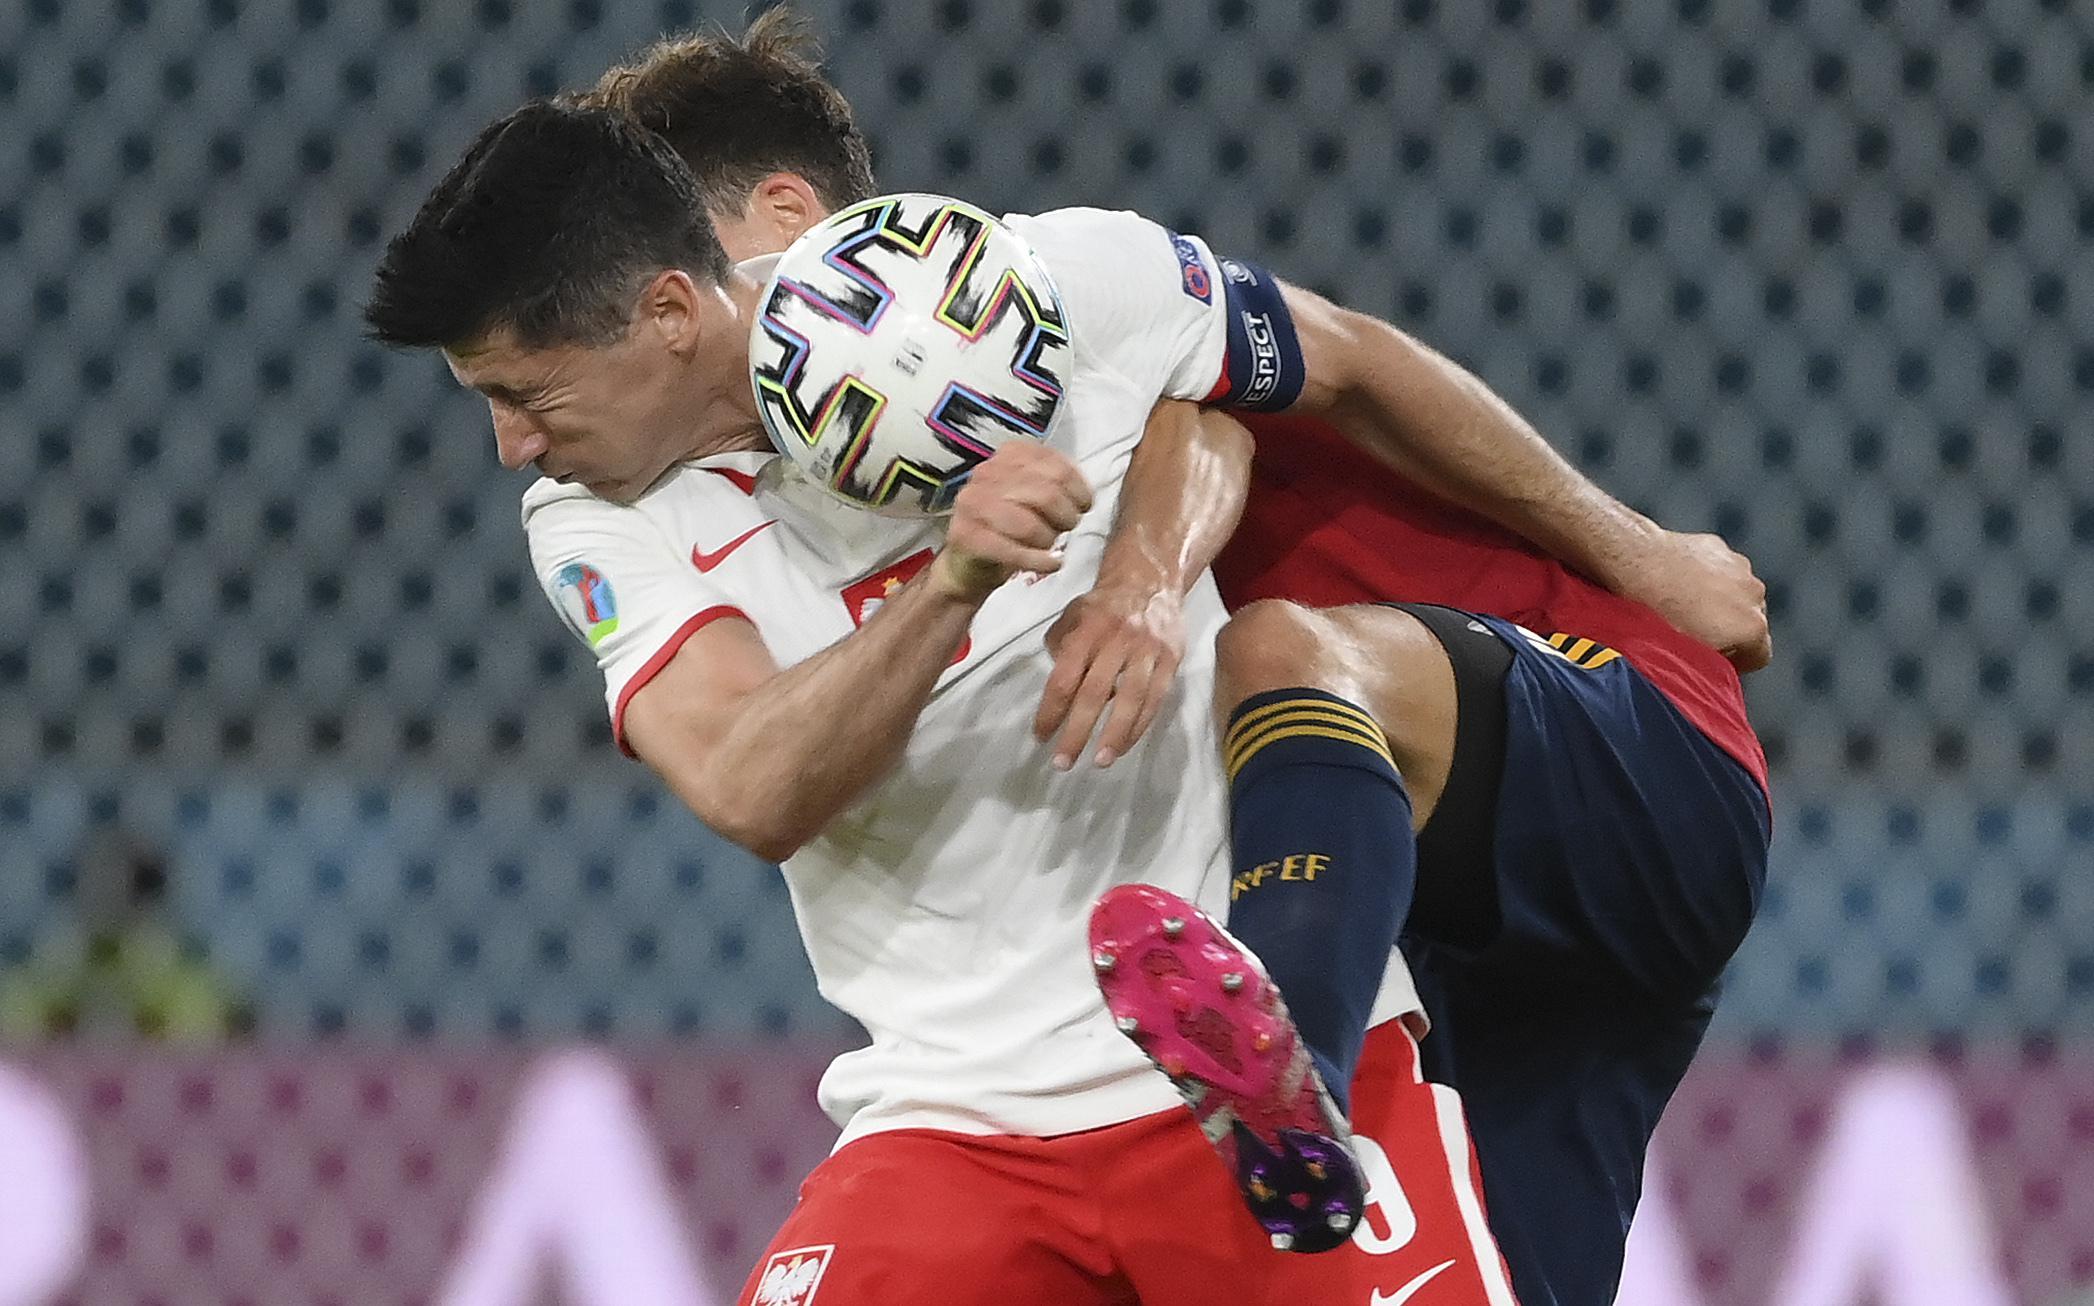 The Latest: Lewandowski gives Poland 1-1 draw against Spain